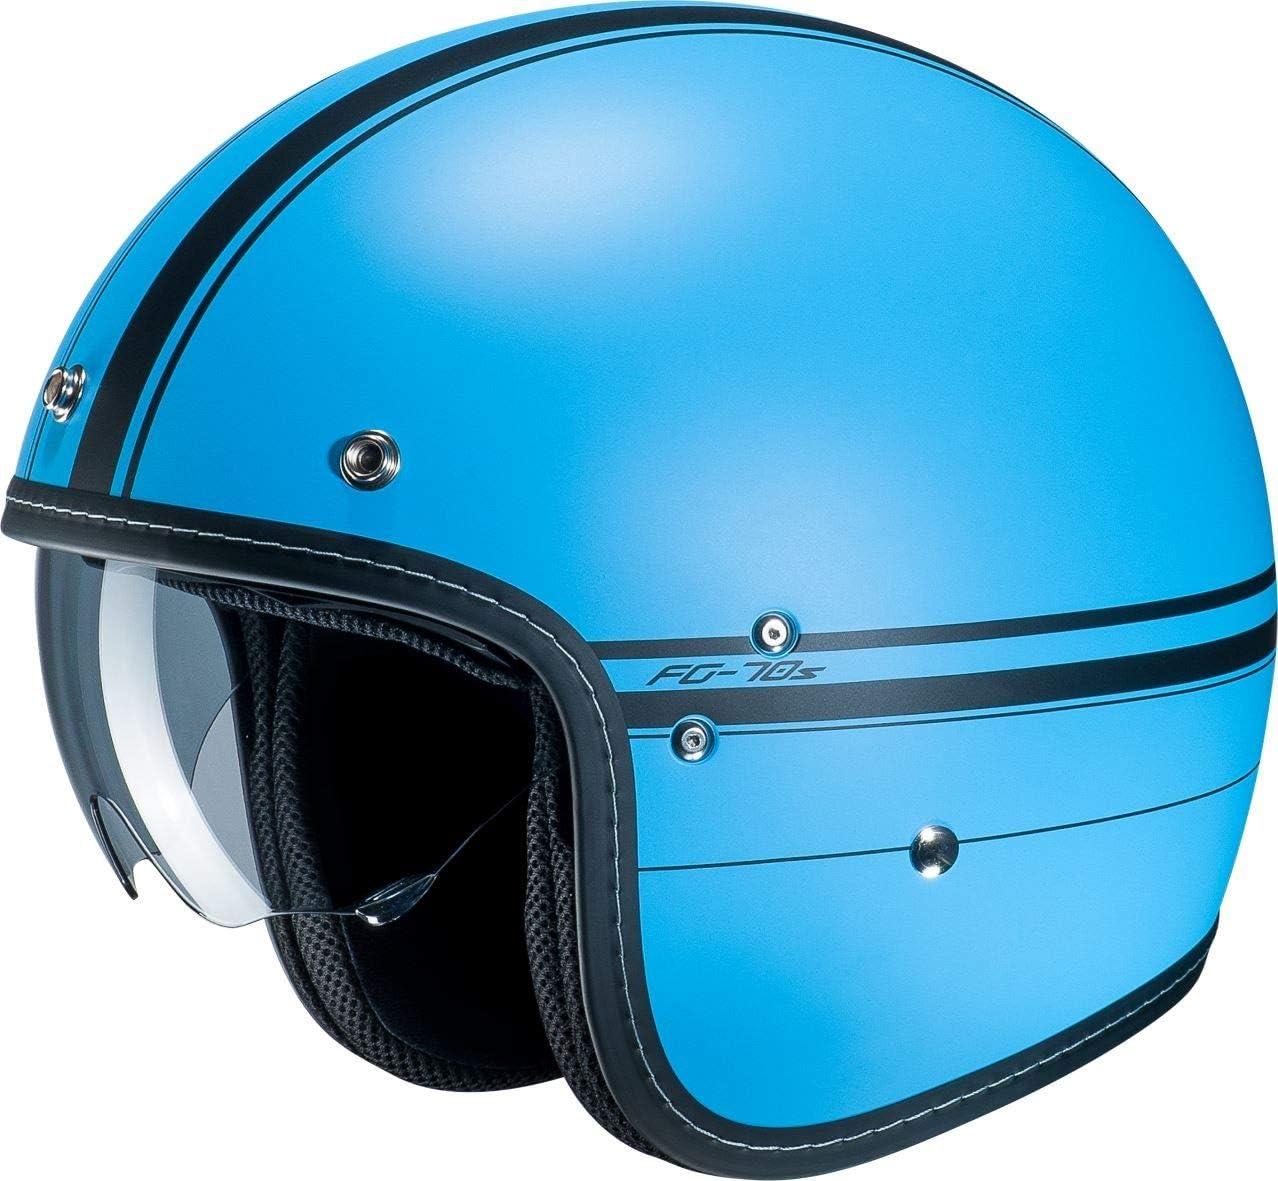 Motorradhelm Hjc Fg 70s Ladon Mc2sf Blau Xs